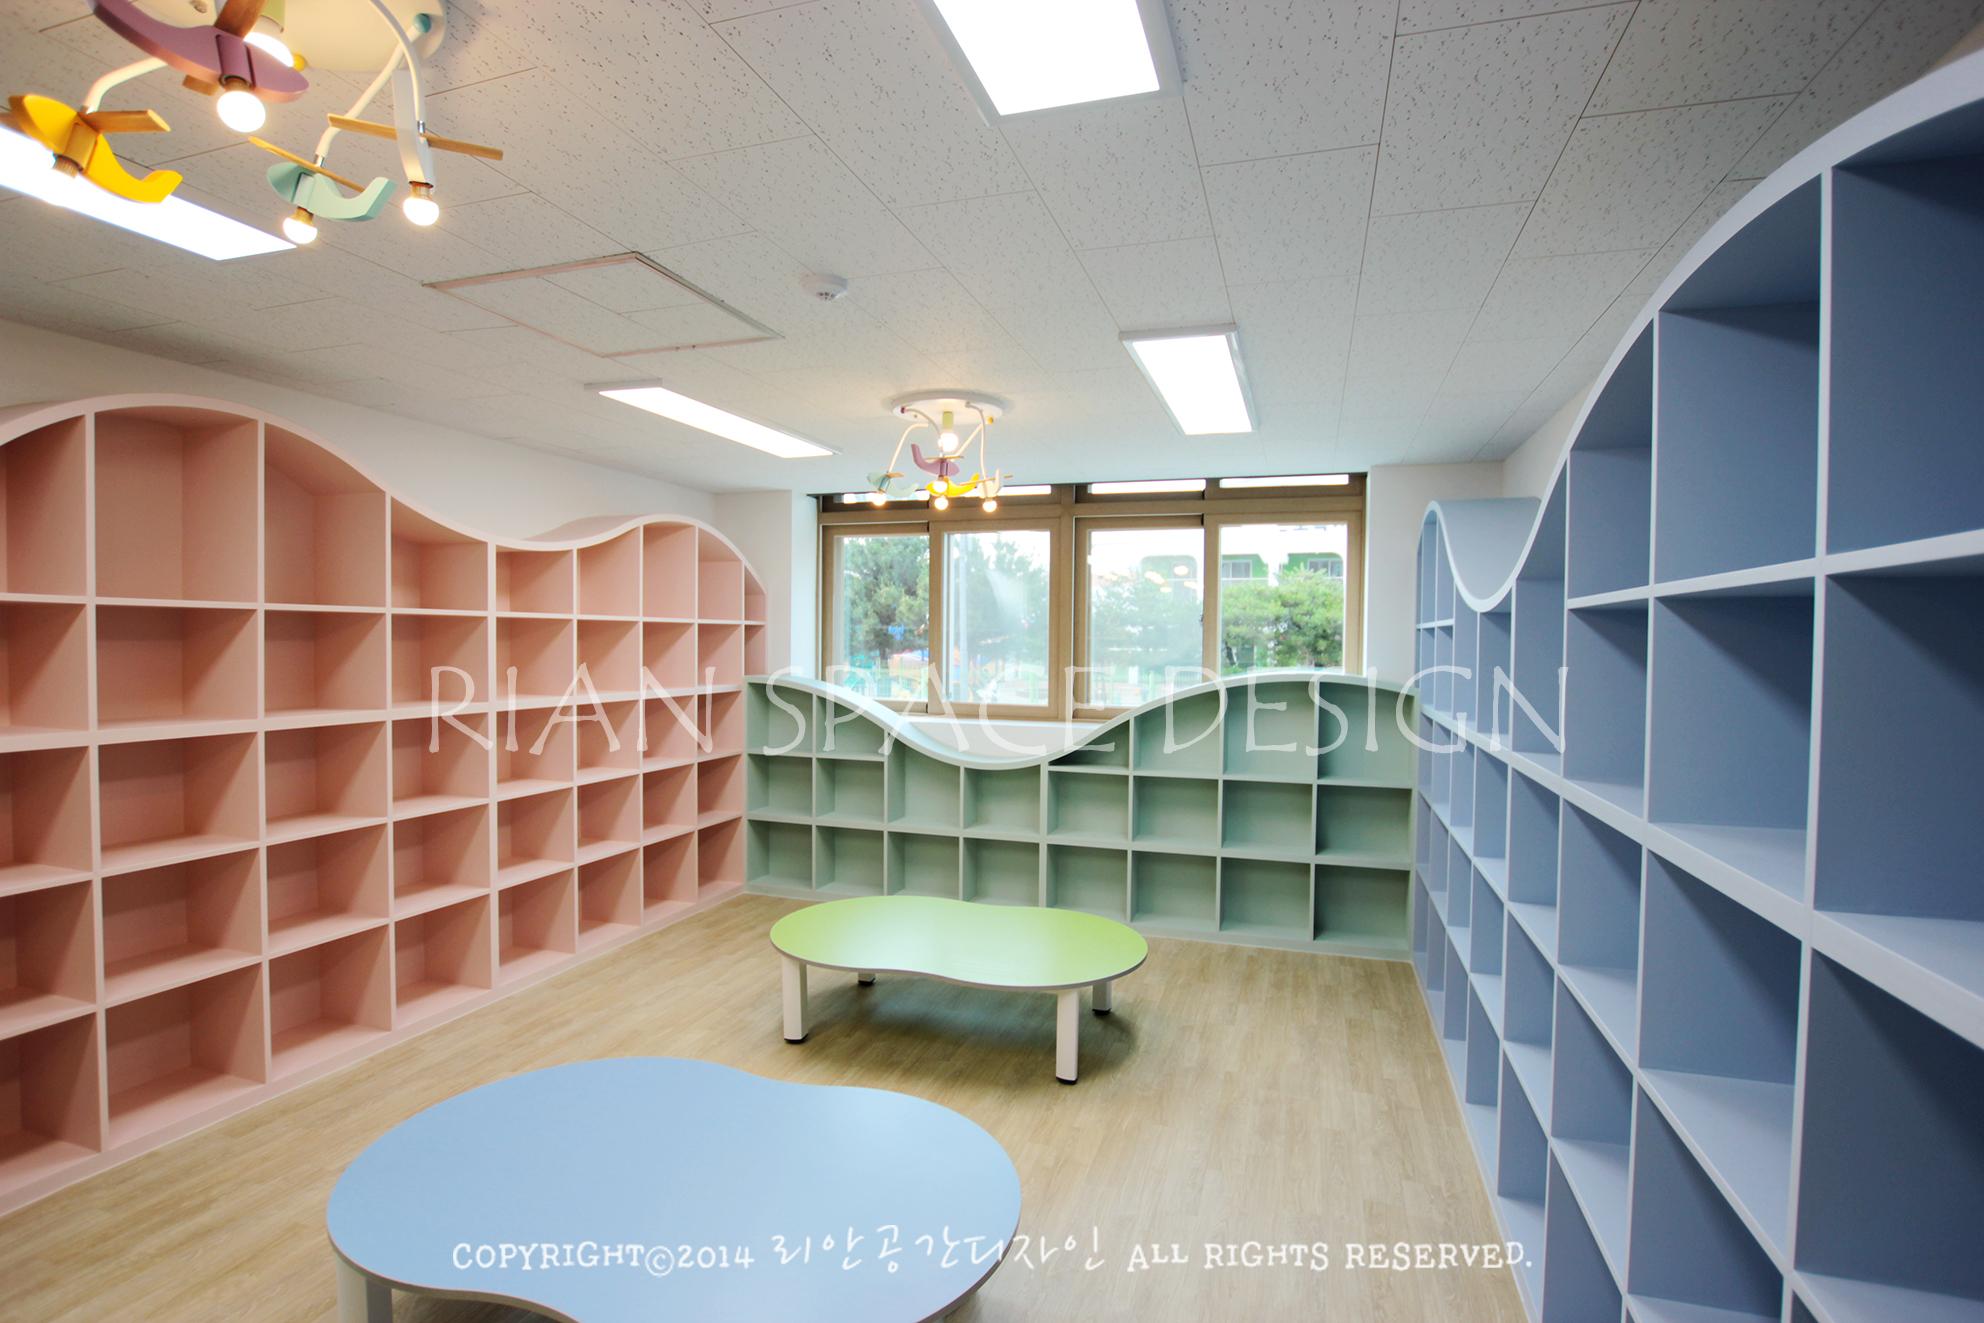 포항oo초등학교 도서관 인테리어